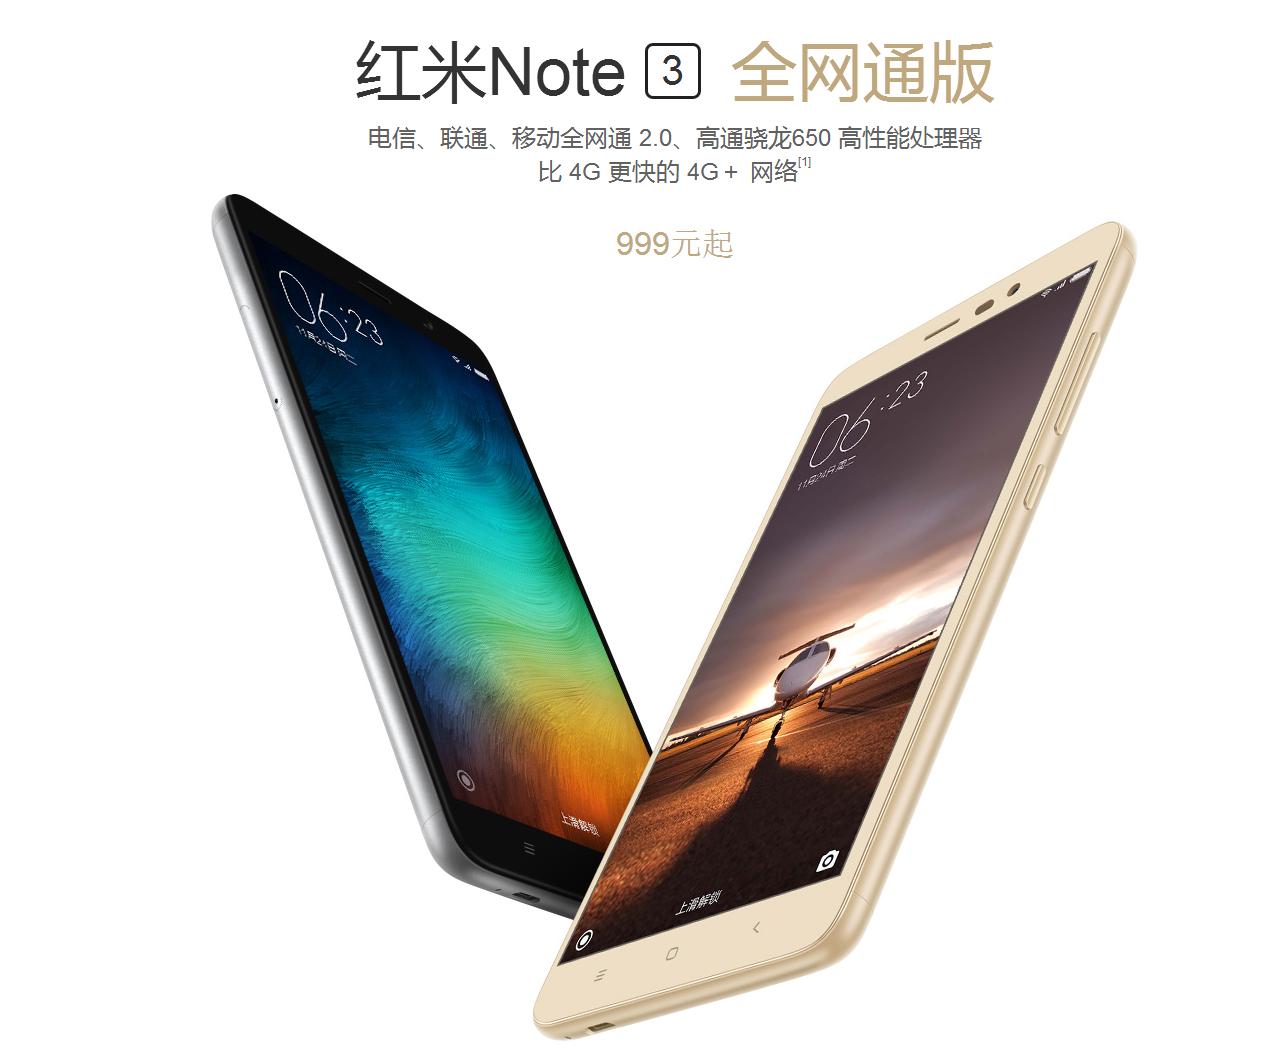 网通_全网通版红米Note3首发上市 售价999元起_天极网